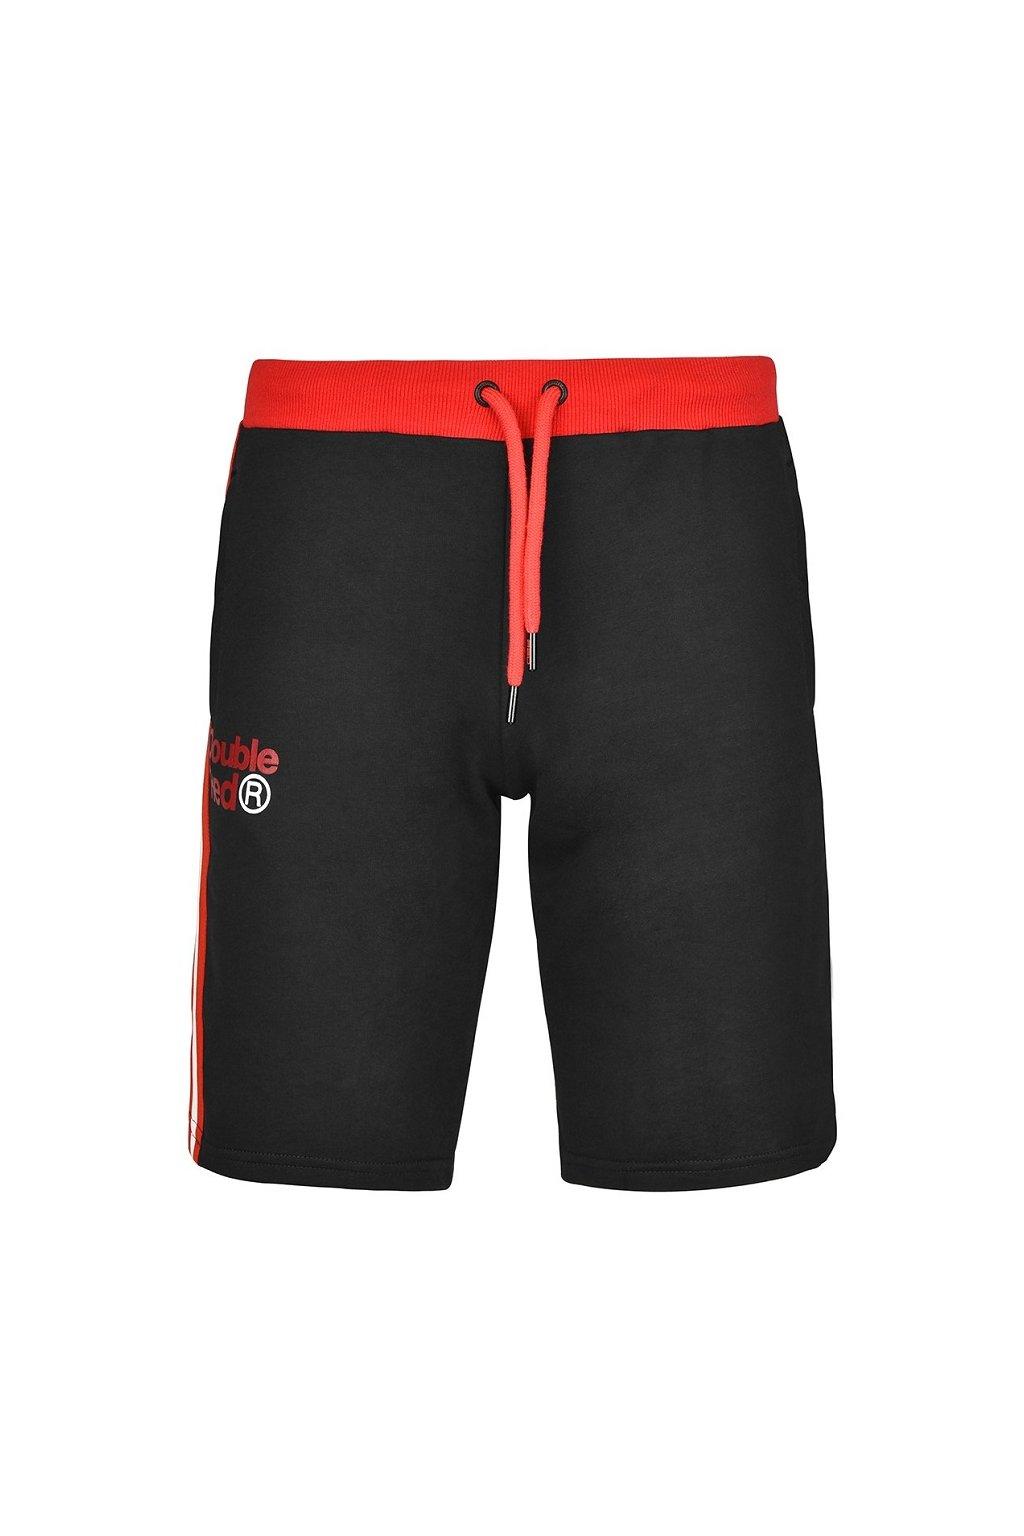 Pánské kraťasy UTTER Shorts Black/Red obr1